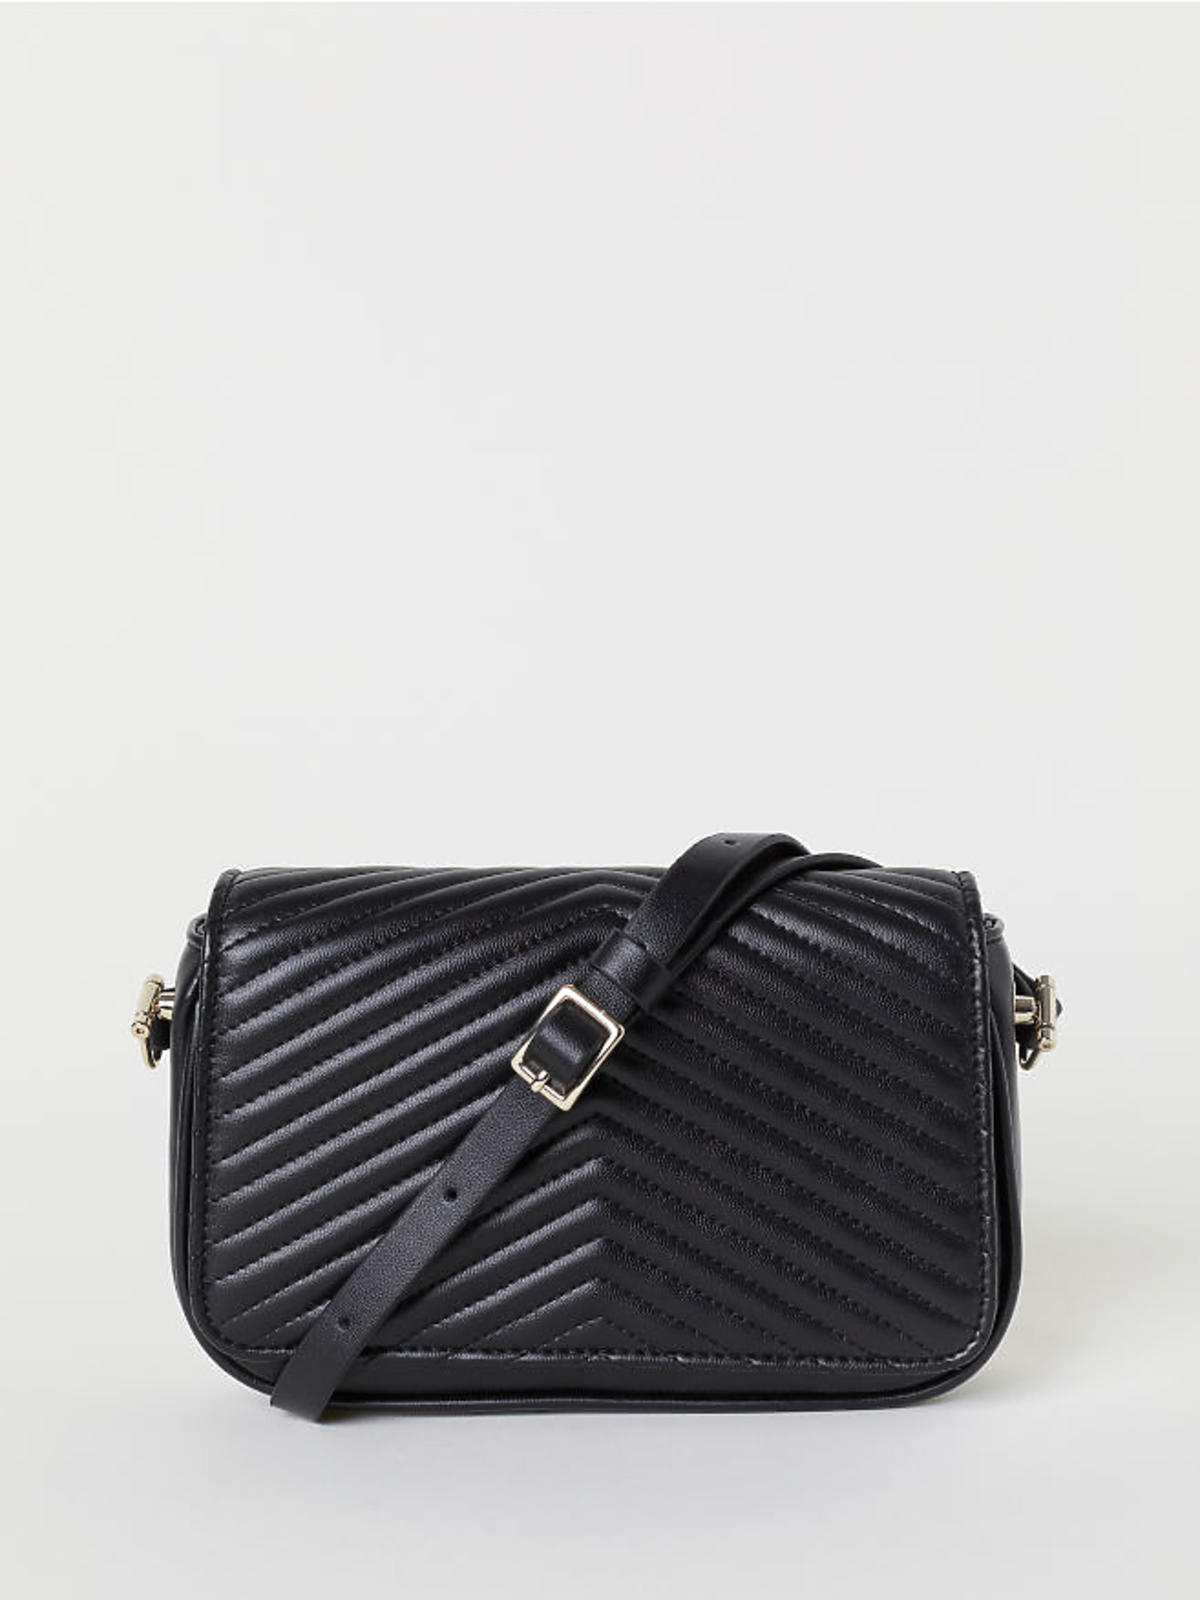 Mała torebka na ramię H&M cena 89,90 zł